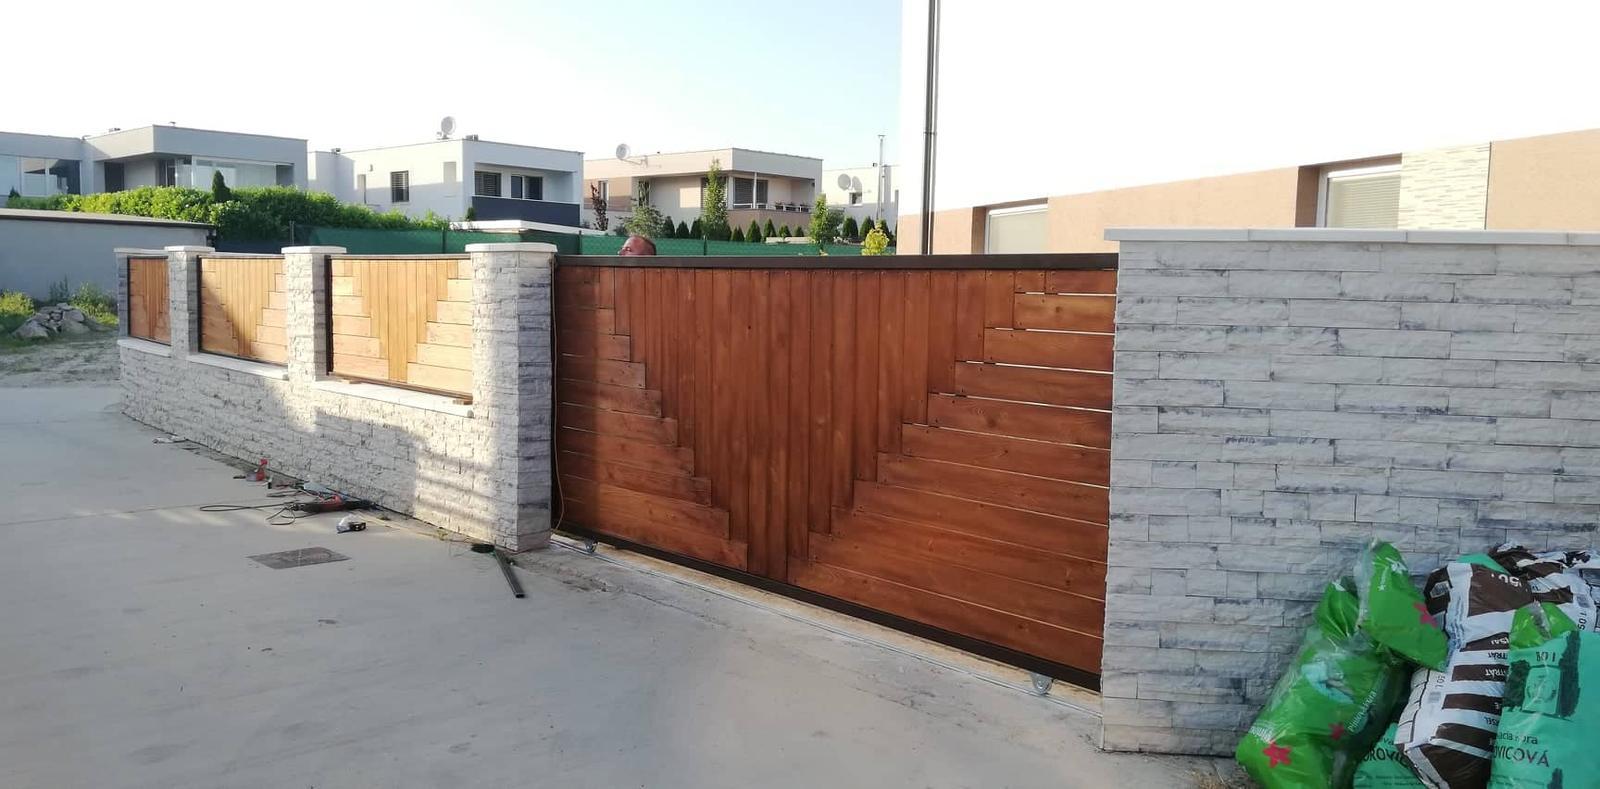 Posuvná brána + plotové výplne. Materiál smrek tzv parketový vzor - Obrázok č. 4